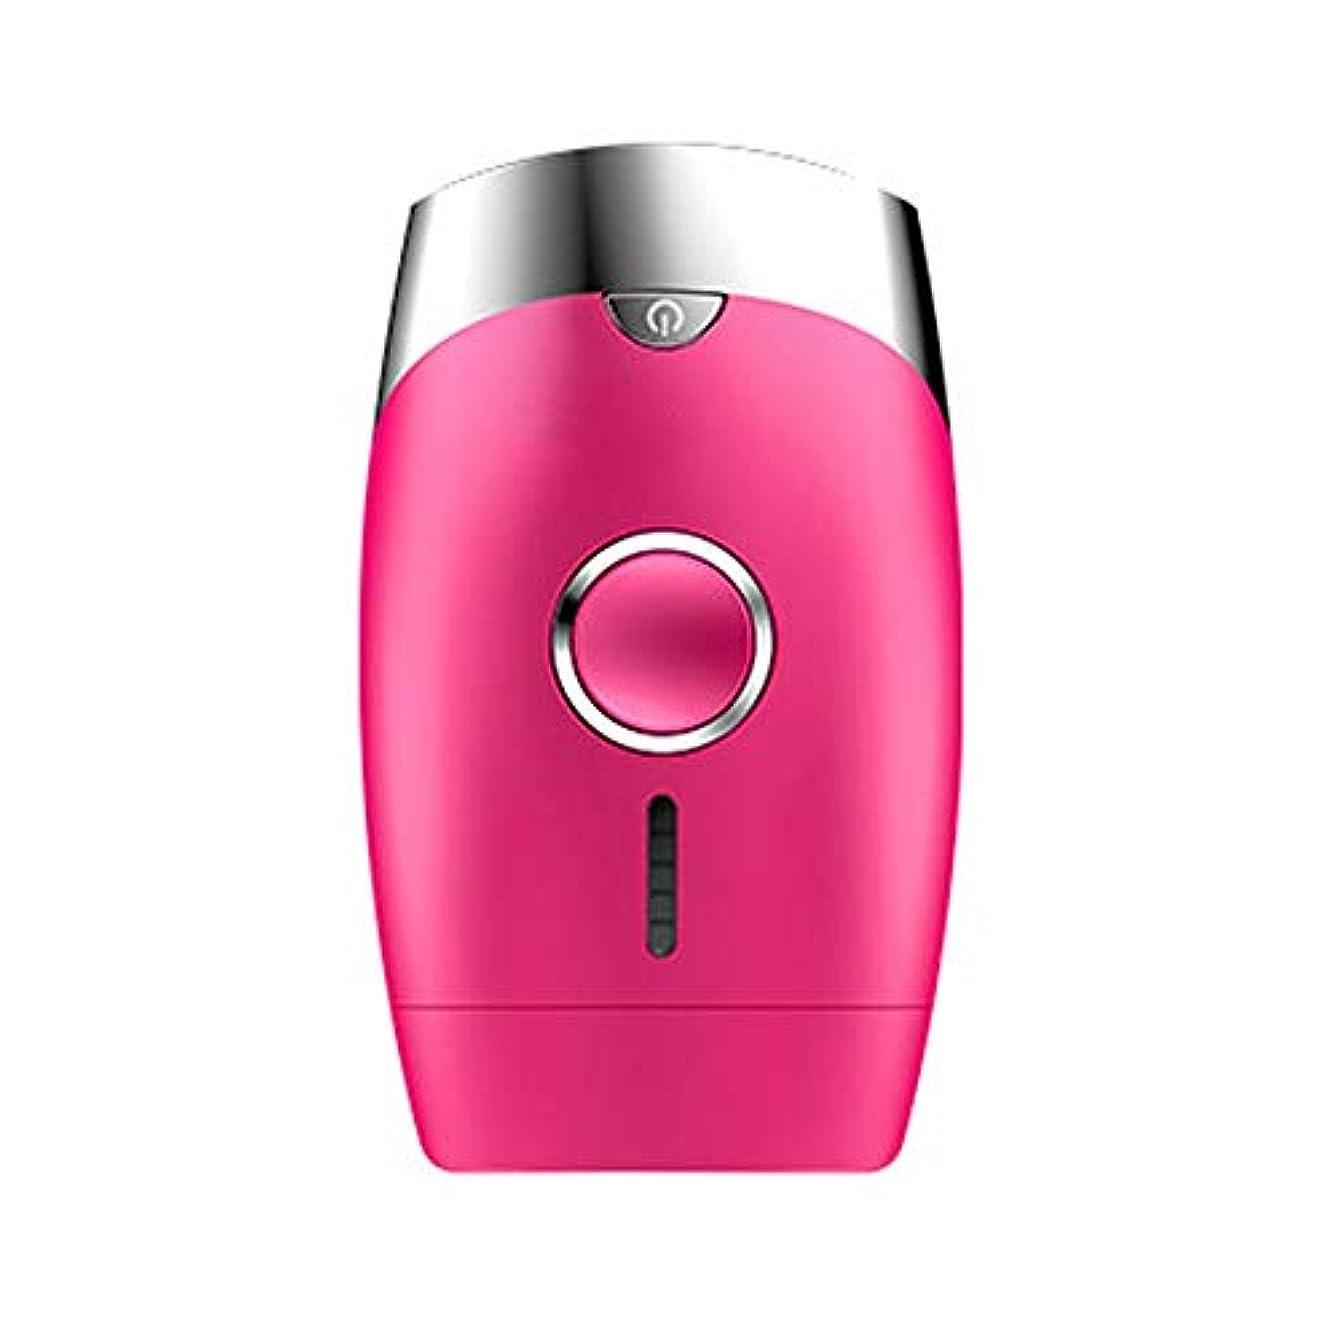 音楽を聴く無礼にバルセロナピンク、5スピード調整、インテリジェント家庭用痛みのない凝固点ヘアリムーバー、シングルフラッシュ/連続フラッシュ、サイズ13.9 X 8.3 X 4.8 Cm 安全性 (Color : Pink)